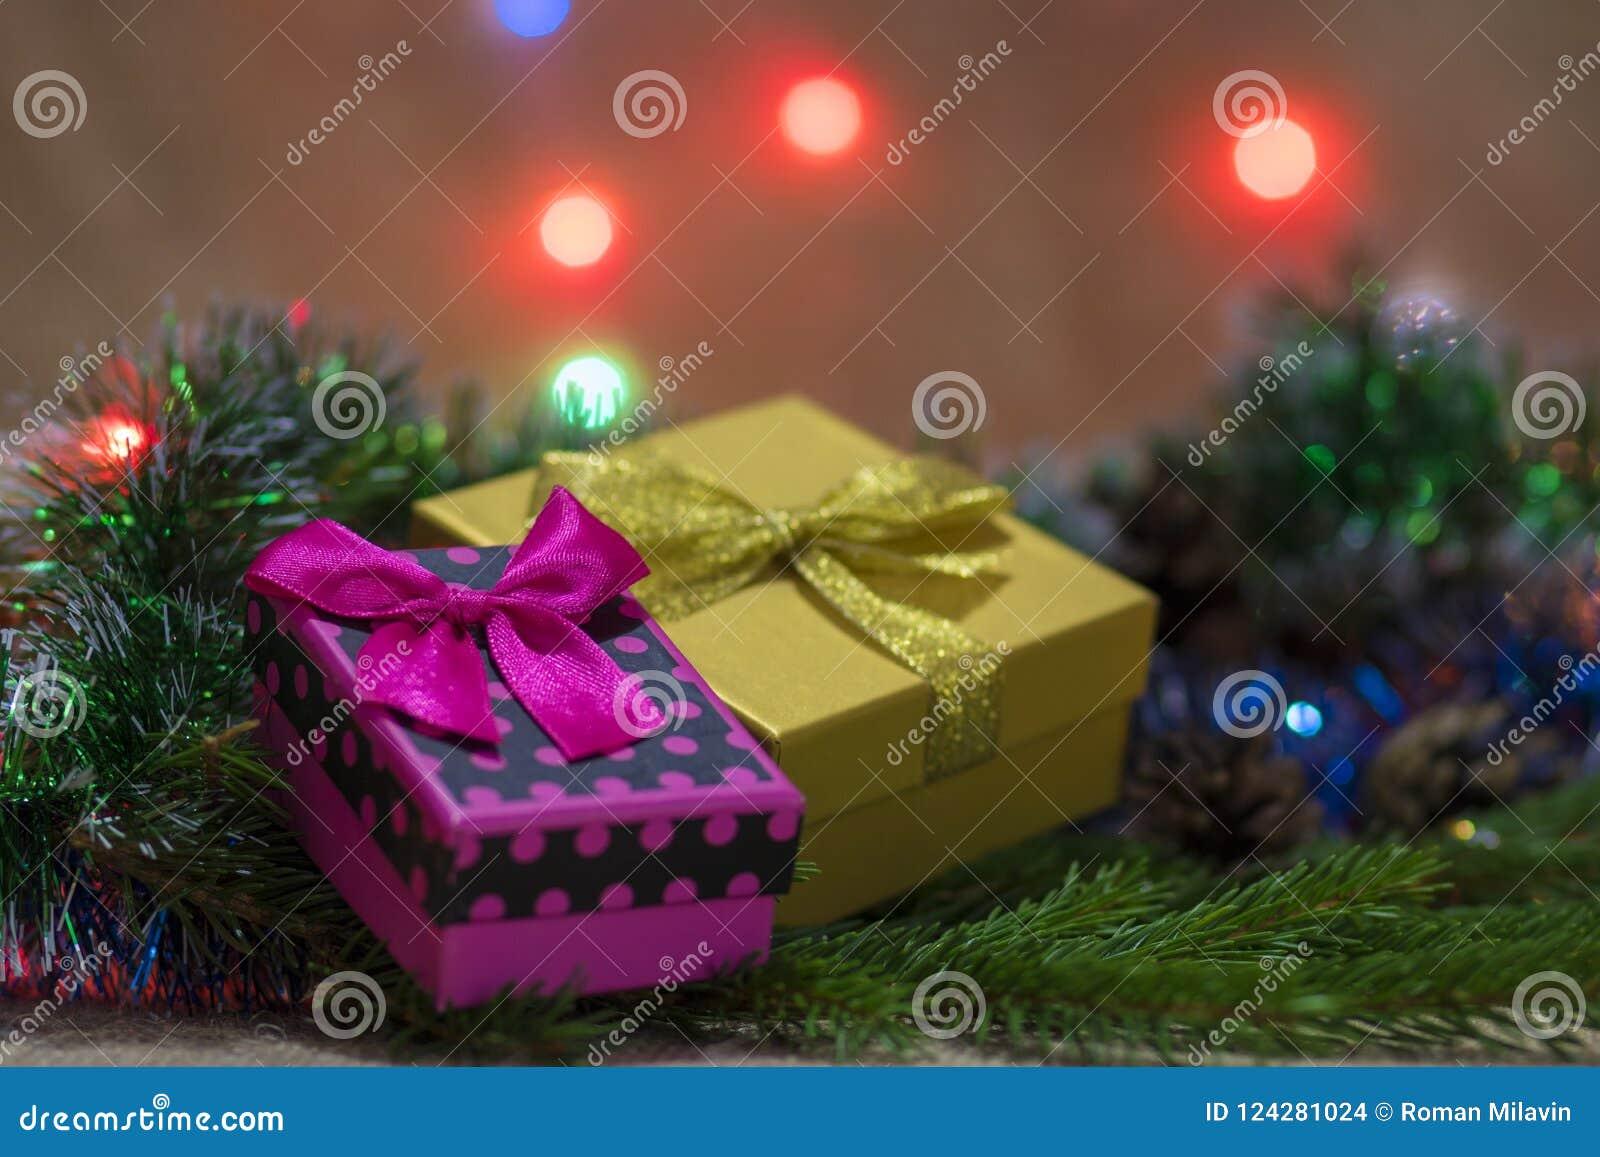 Розовые и оранжевые коробки с подарками рождества с смычками и bokeh на заднем плане